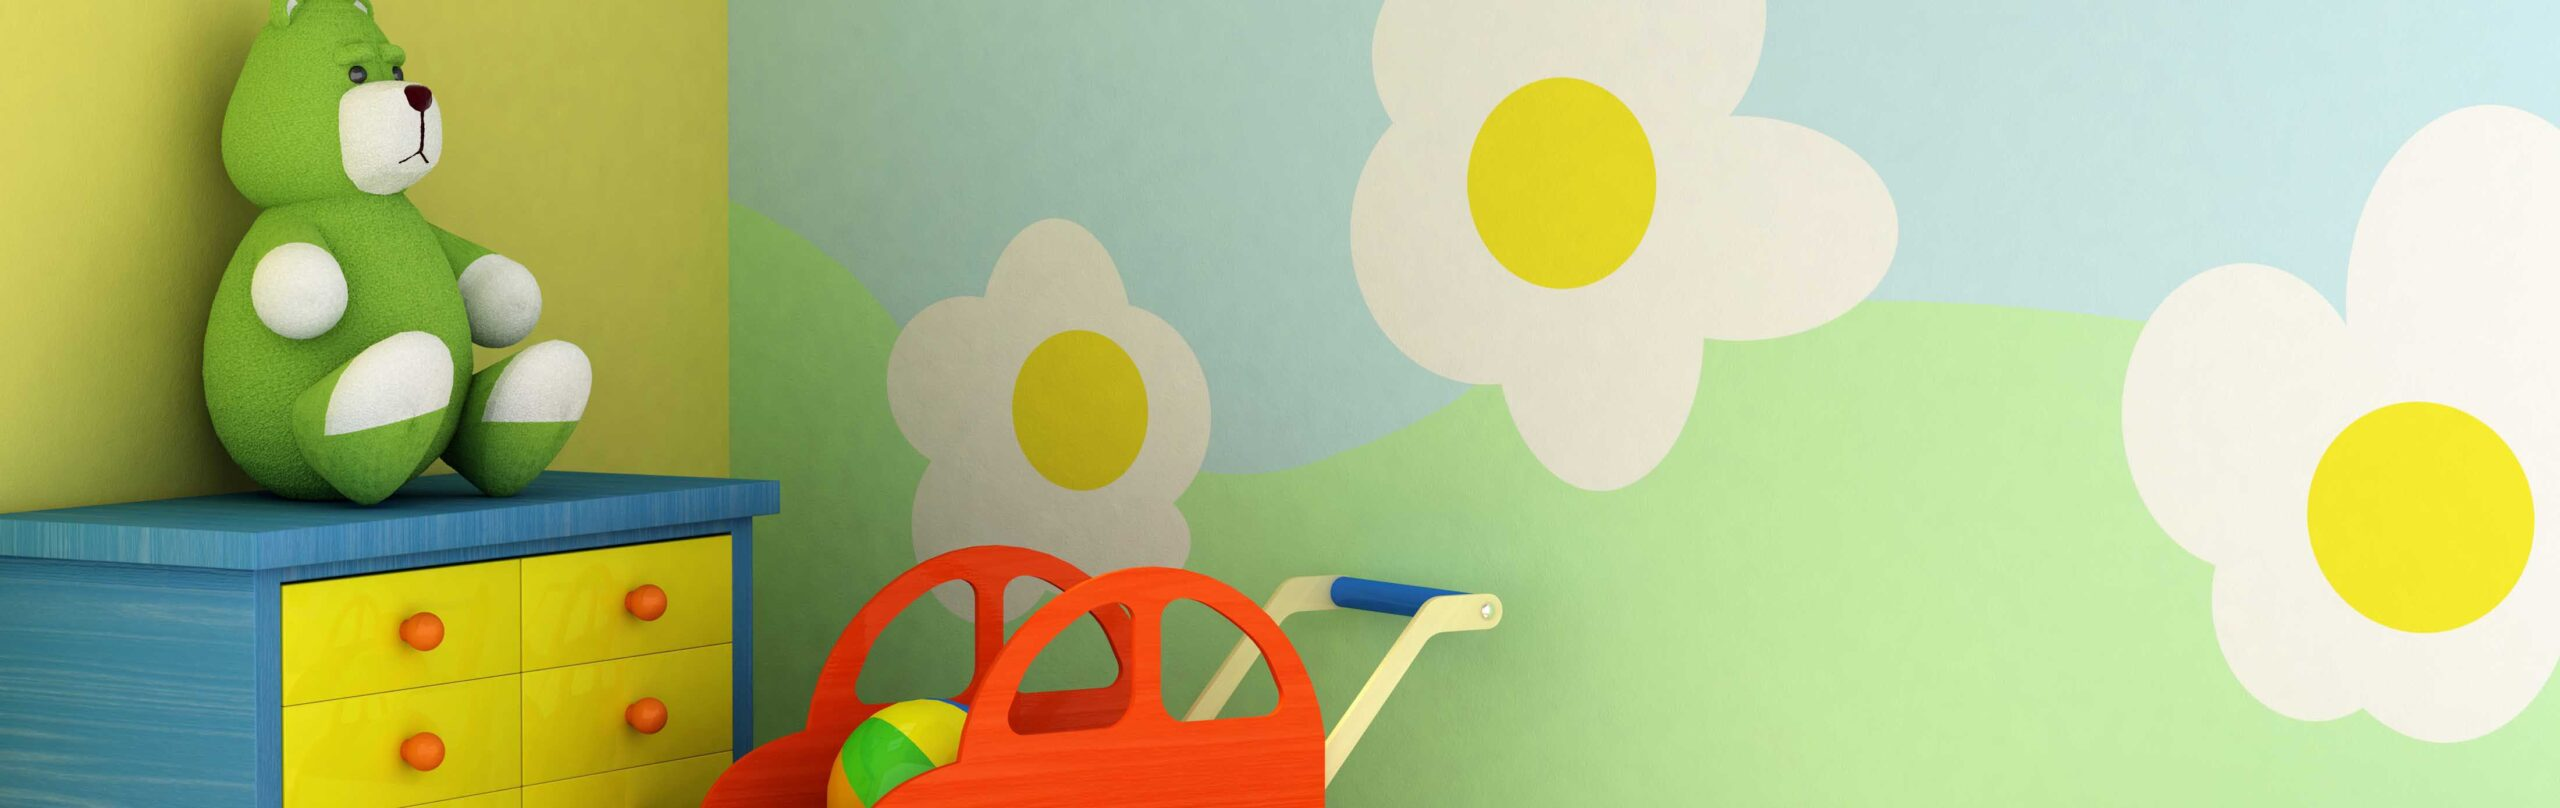 Full Size of Kinderzimmer Regal Weiß Sofa Regale Kinderzimmer Kinderzimmer Einrichtung